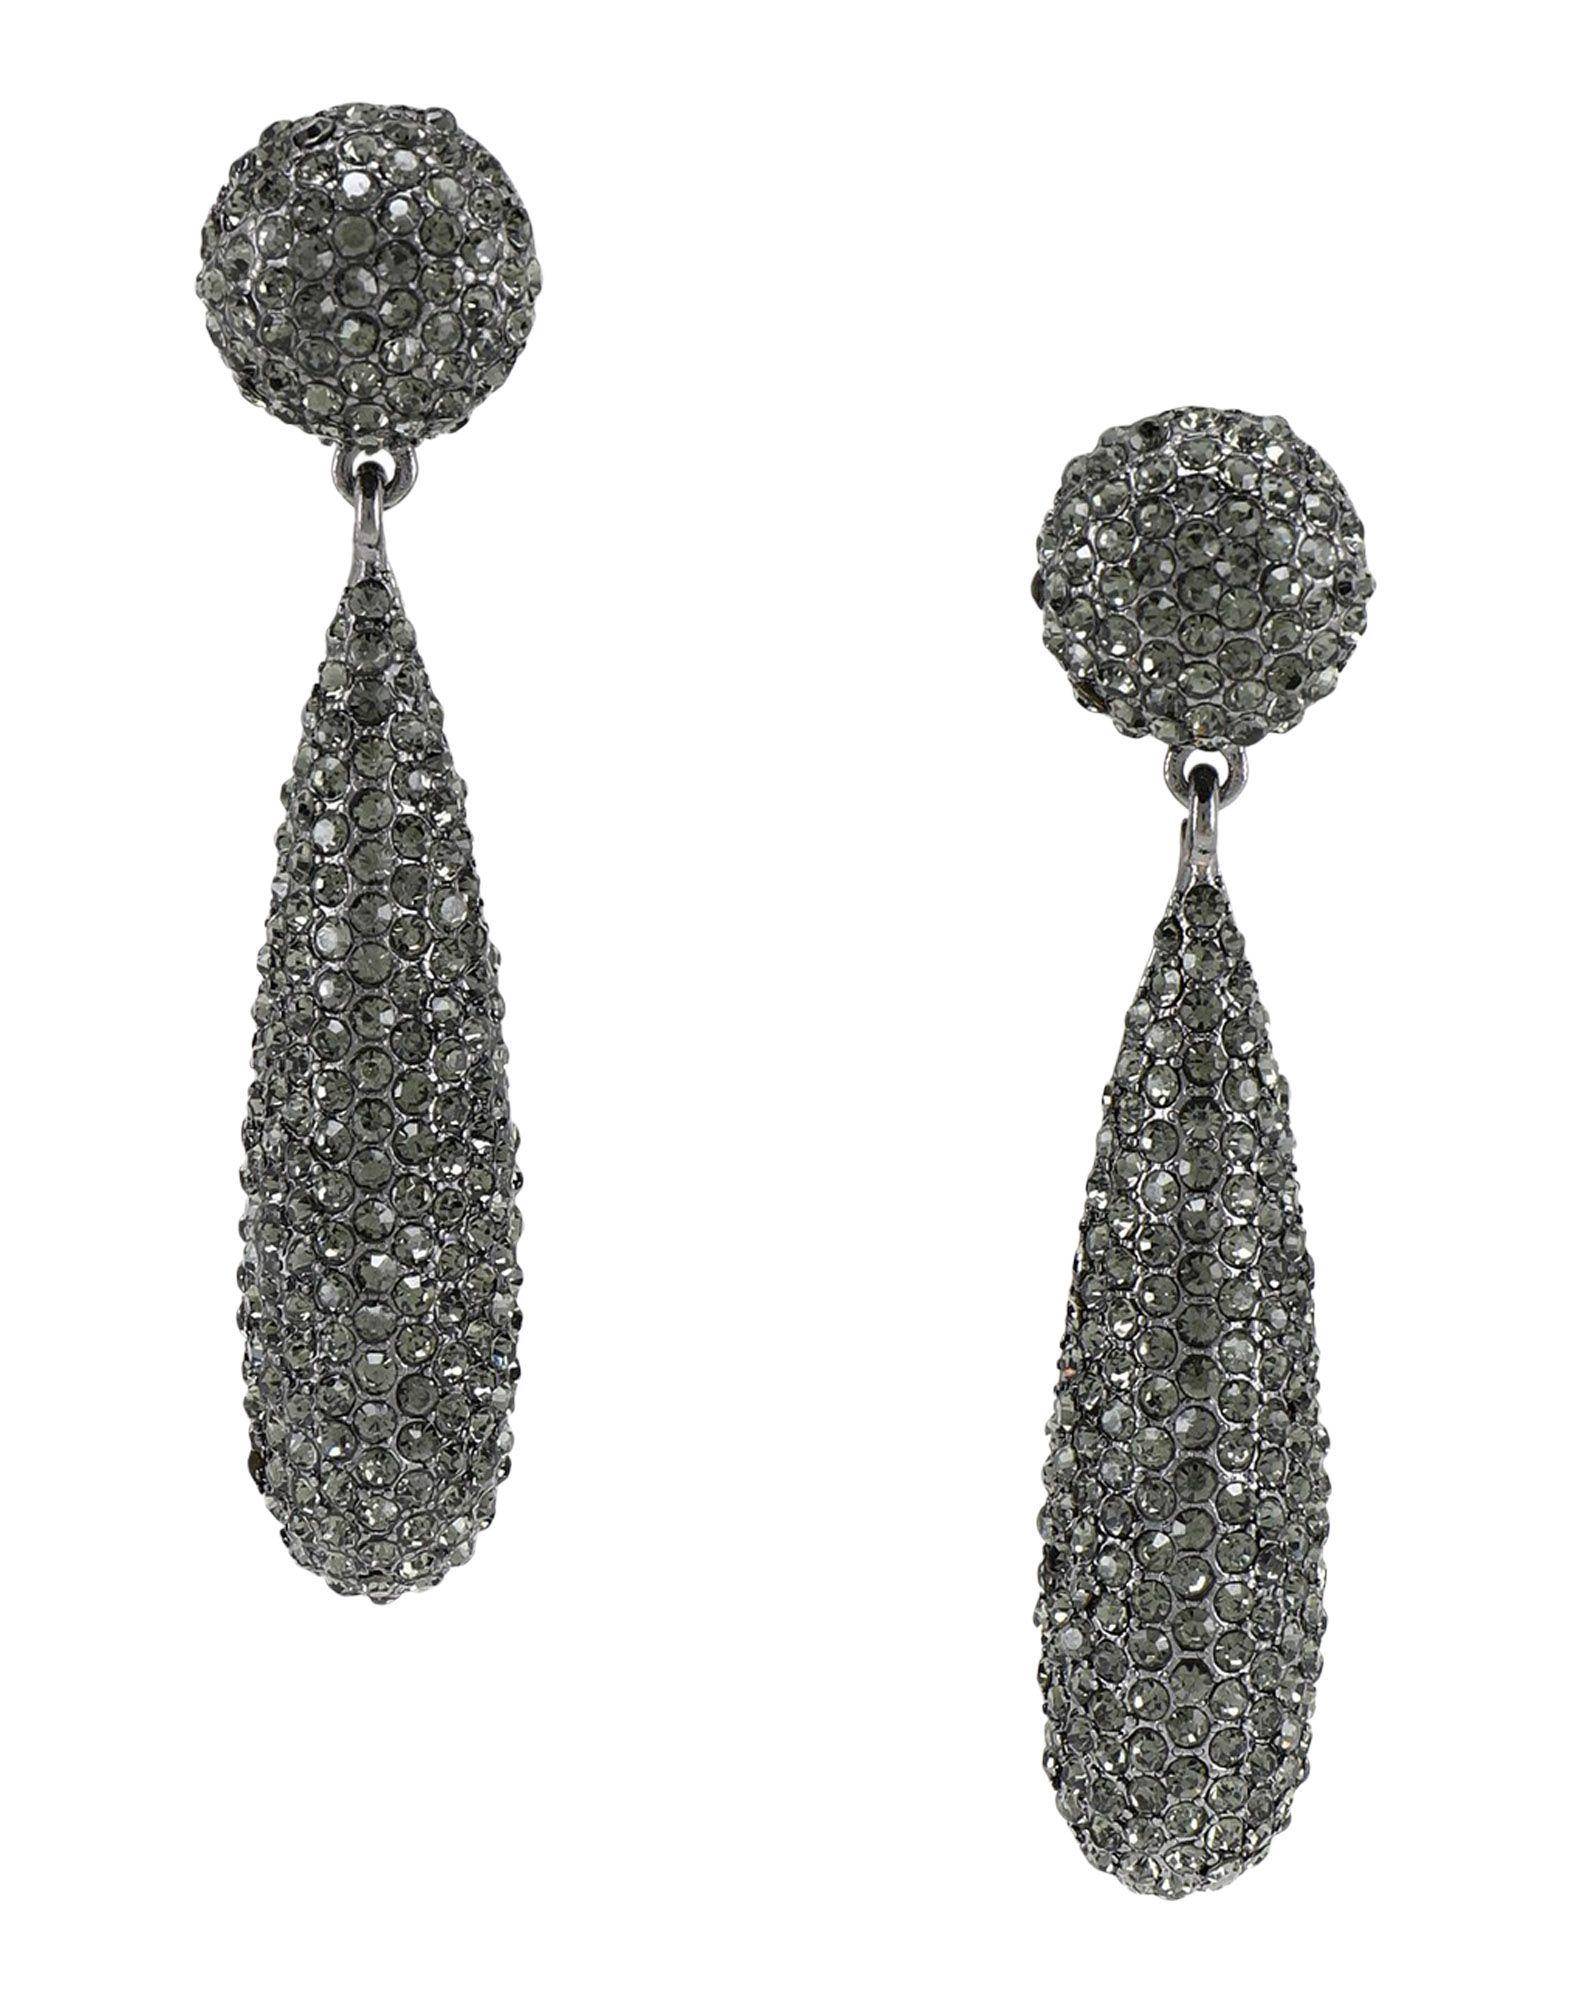 《送料無料》KENNETH JAY LANE レディース イヤリング 鉛色 スズ 99% / 銀 1% / ガラス gunmetal/ black diamond pave' bat shape drop pierced ear